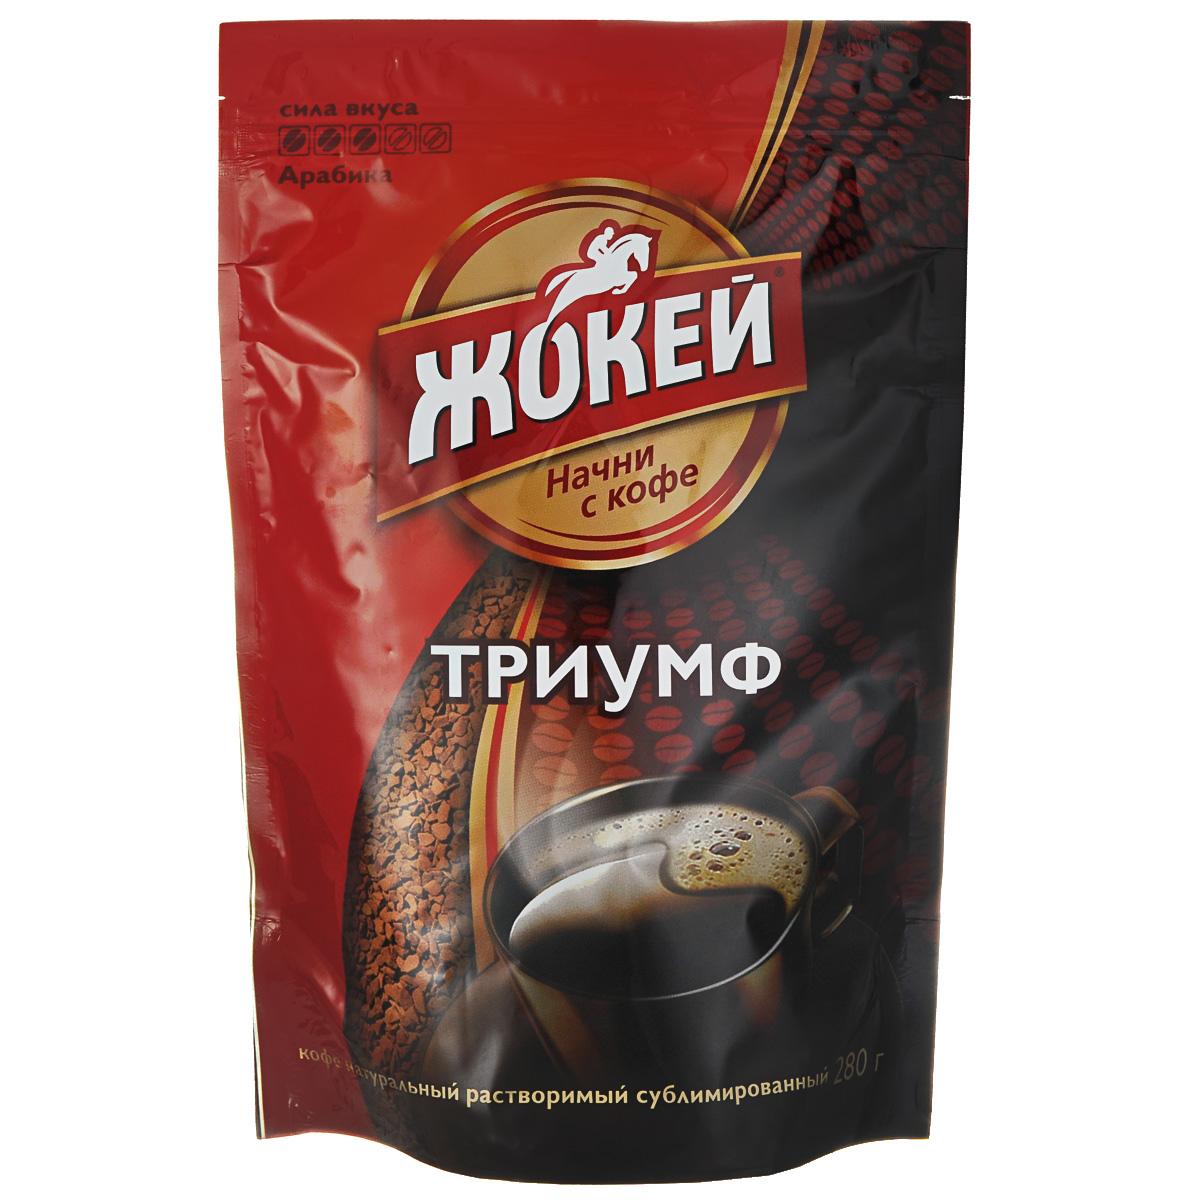 Жокей Триумф кофе растворимый, 280 г (м/у) shenhua растворимый синий цвет